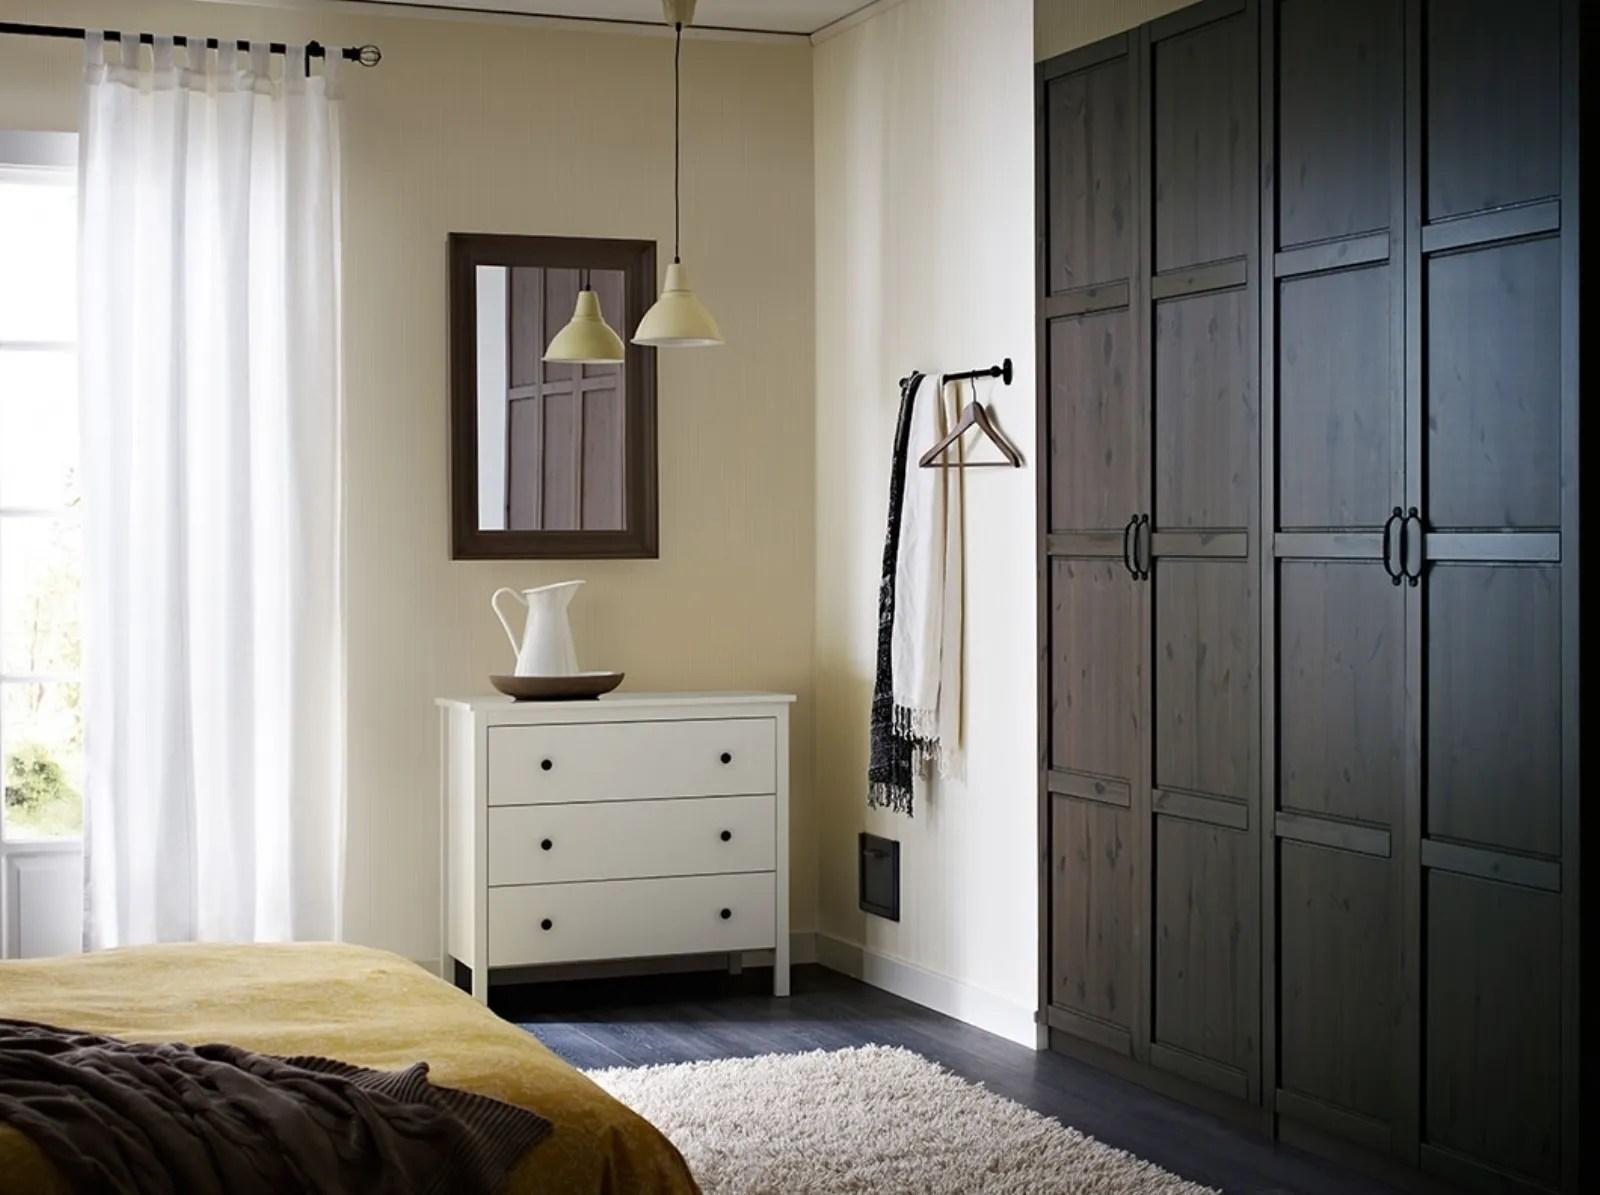 Mobili camera da letto, divano letto e cucina ikea, usato usato milano altre foto. Ikea Camera Da Letto Economica E Funzionale